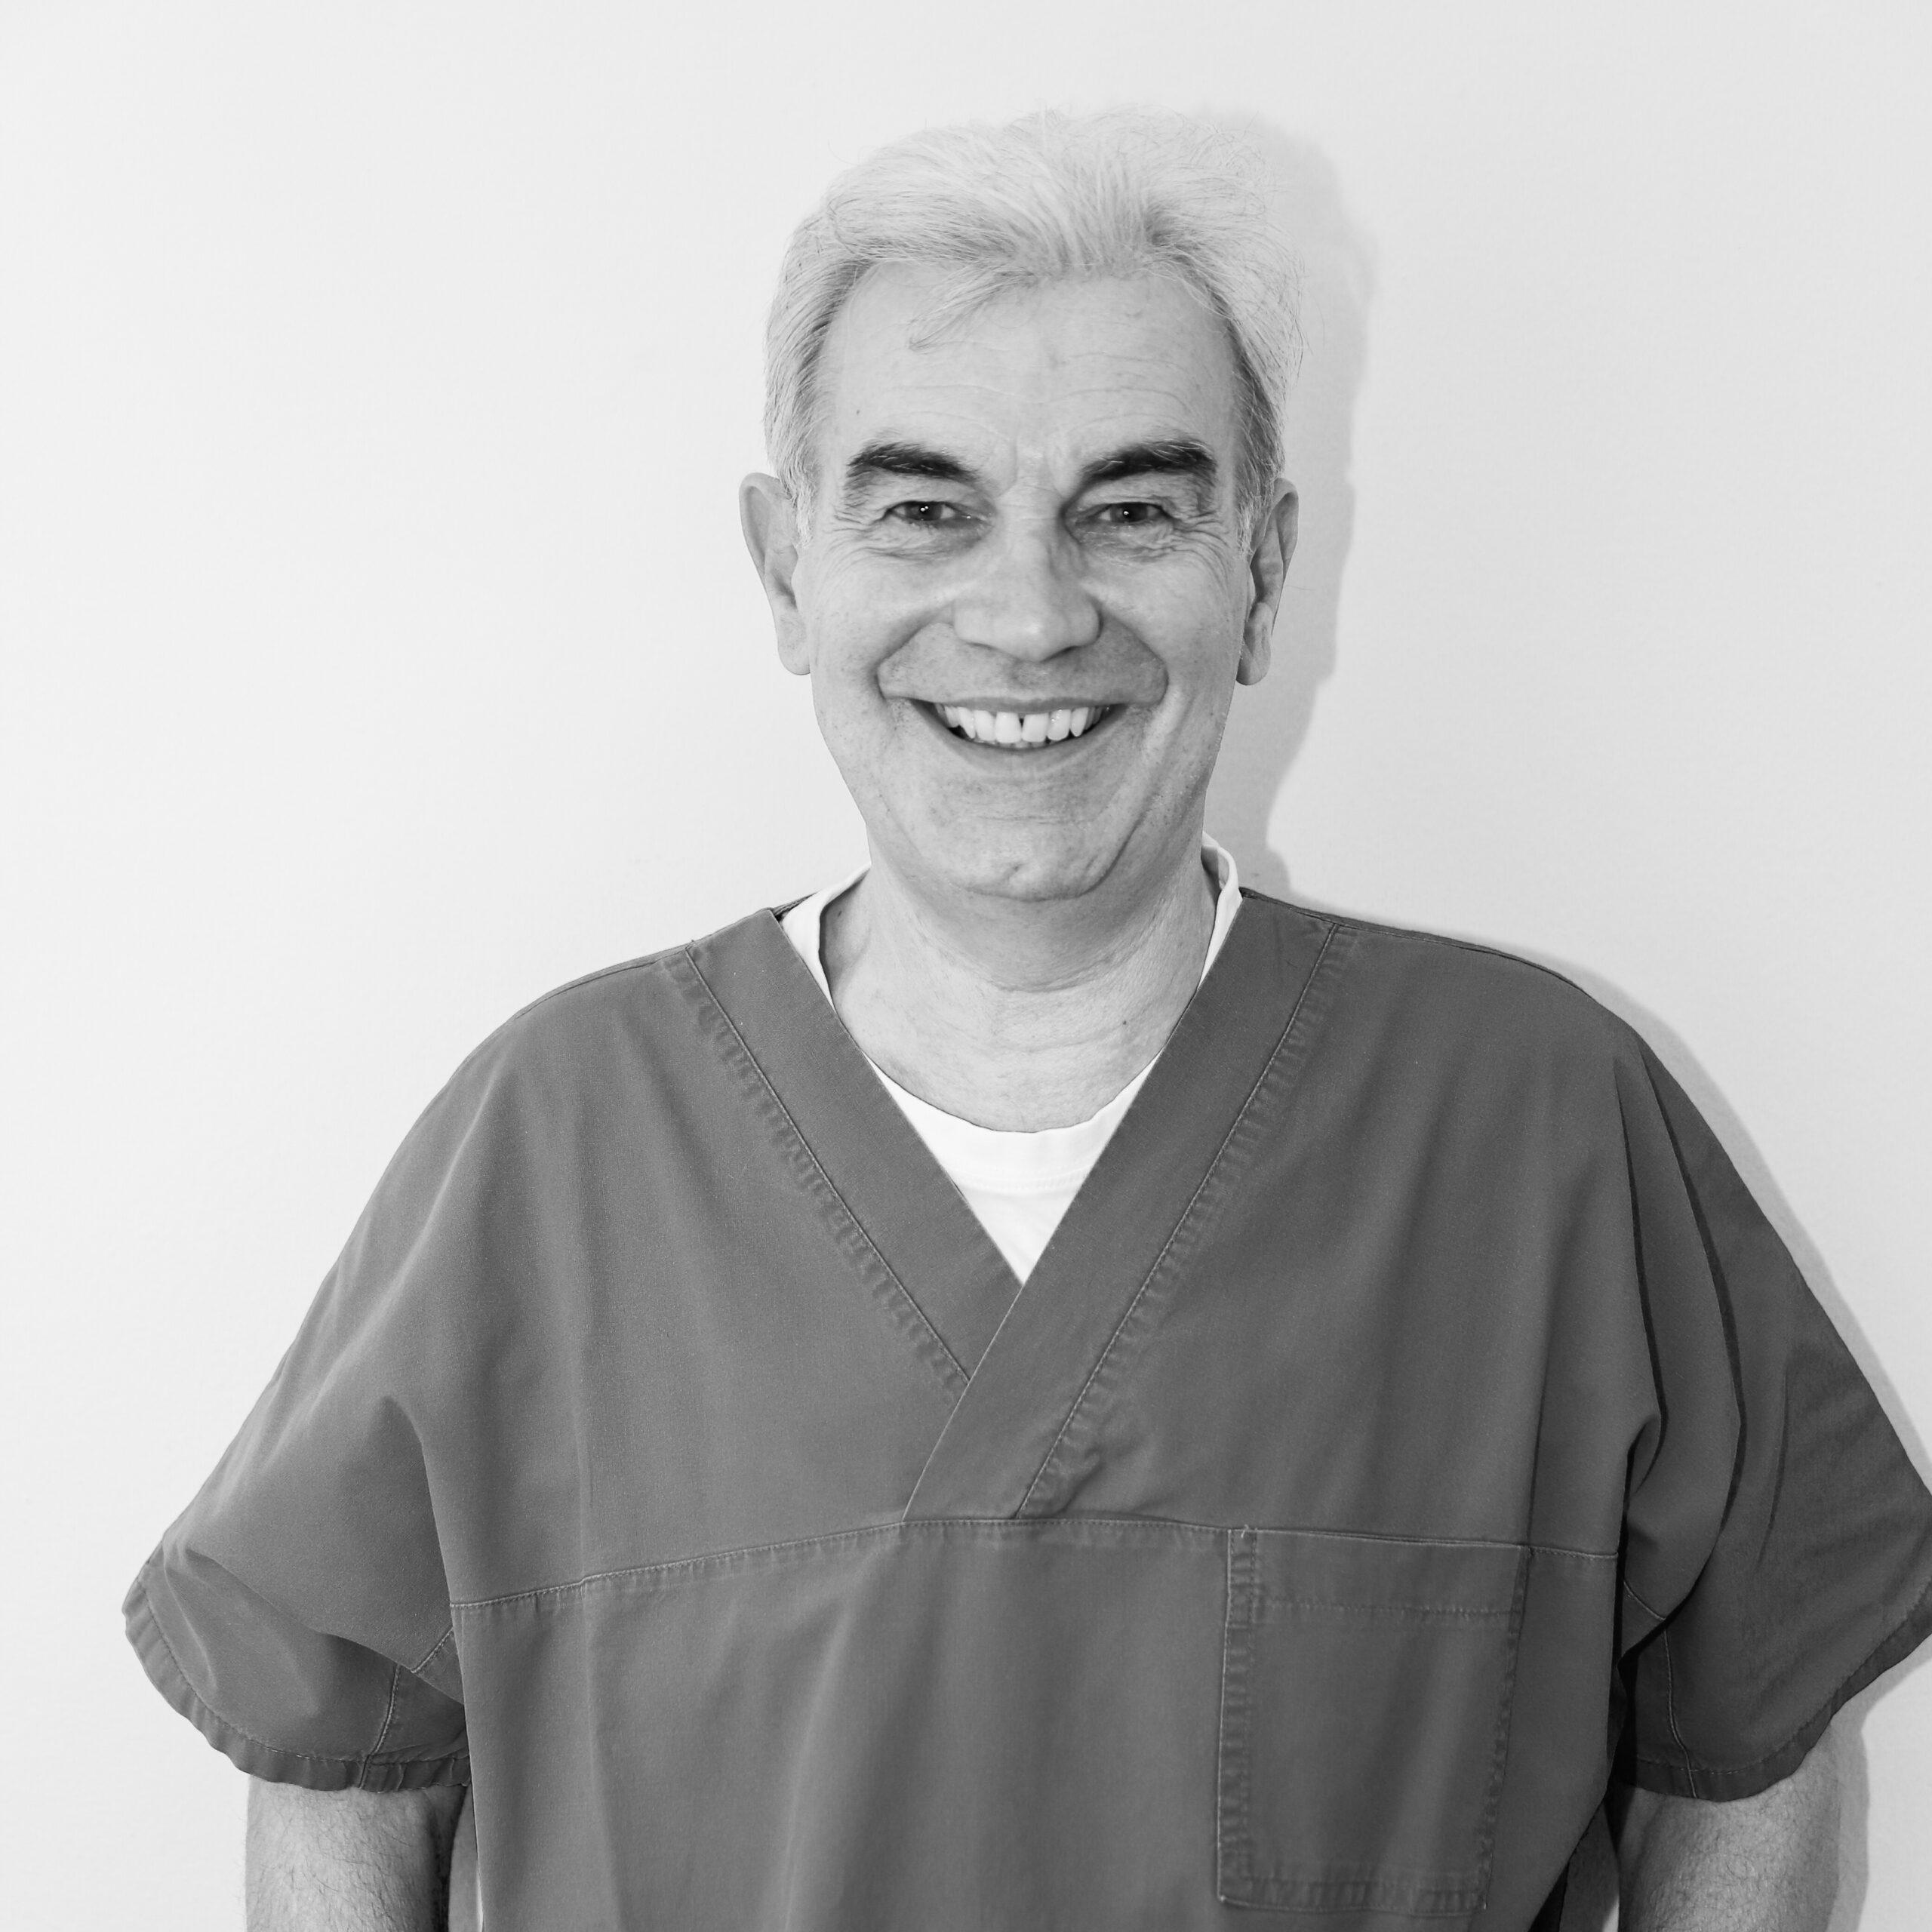 Dr. M. Morelli